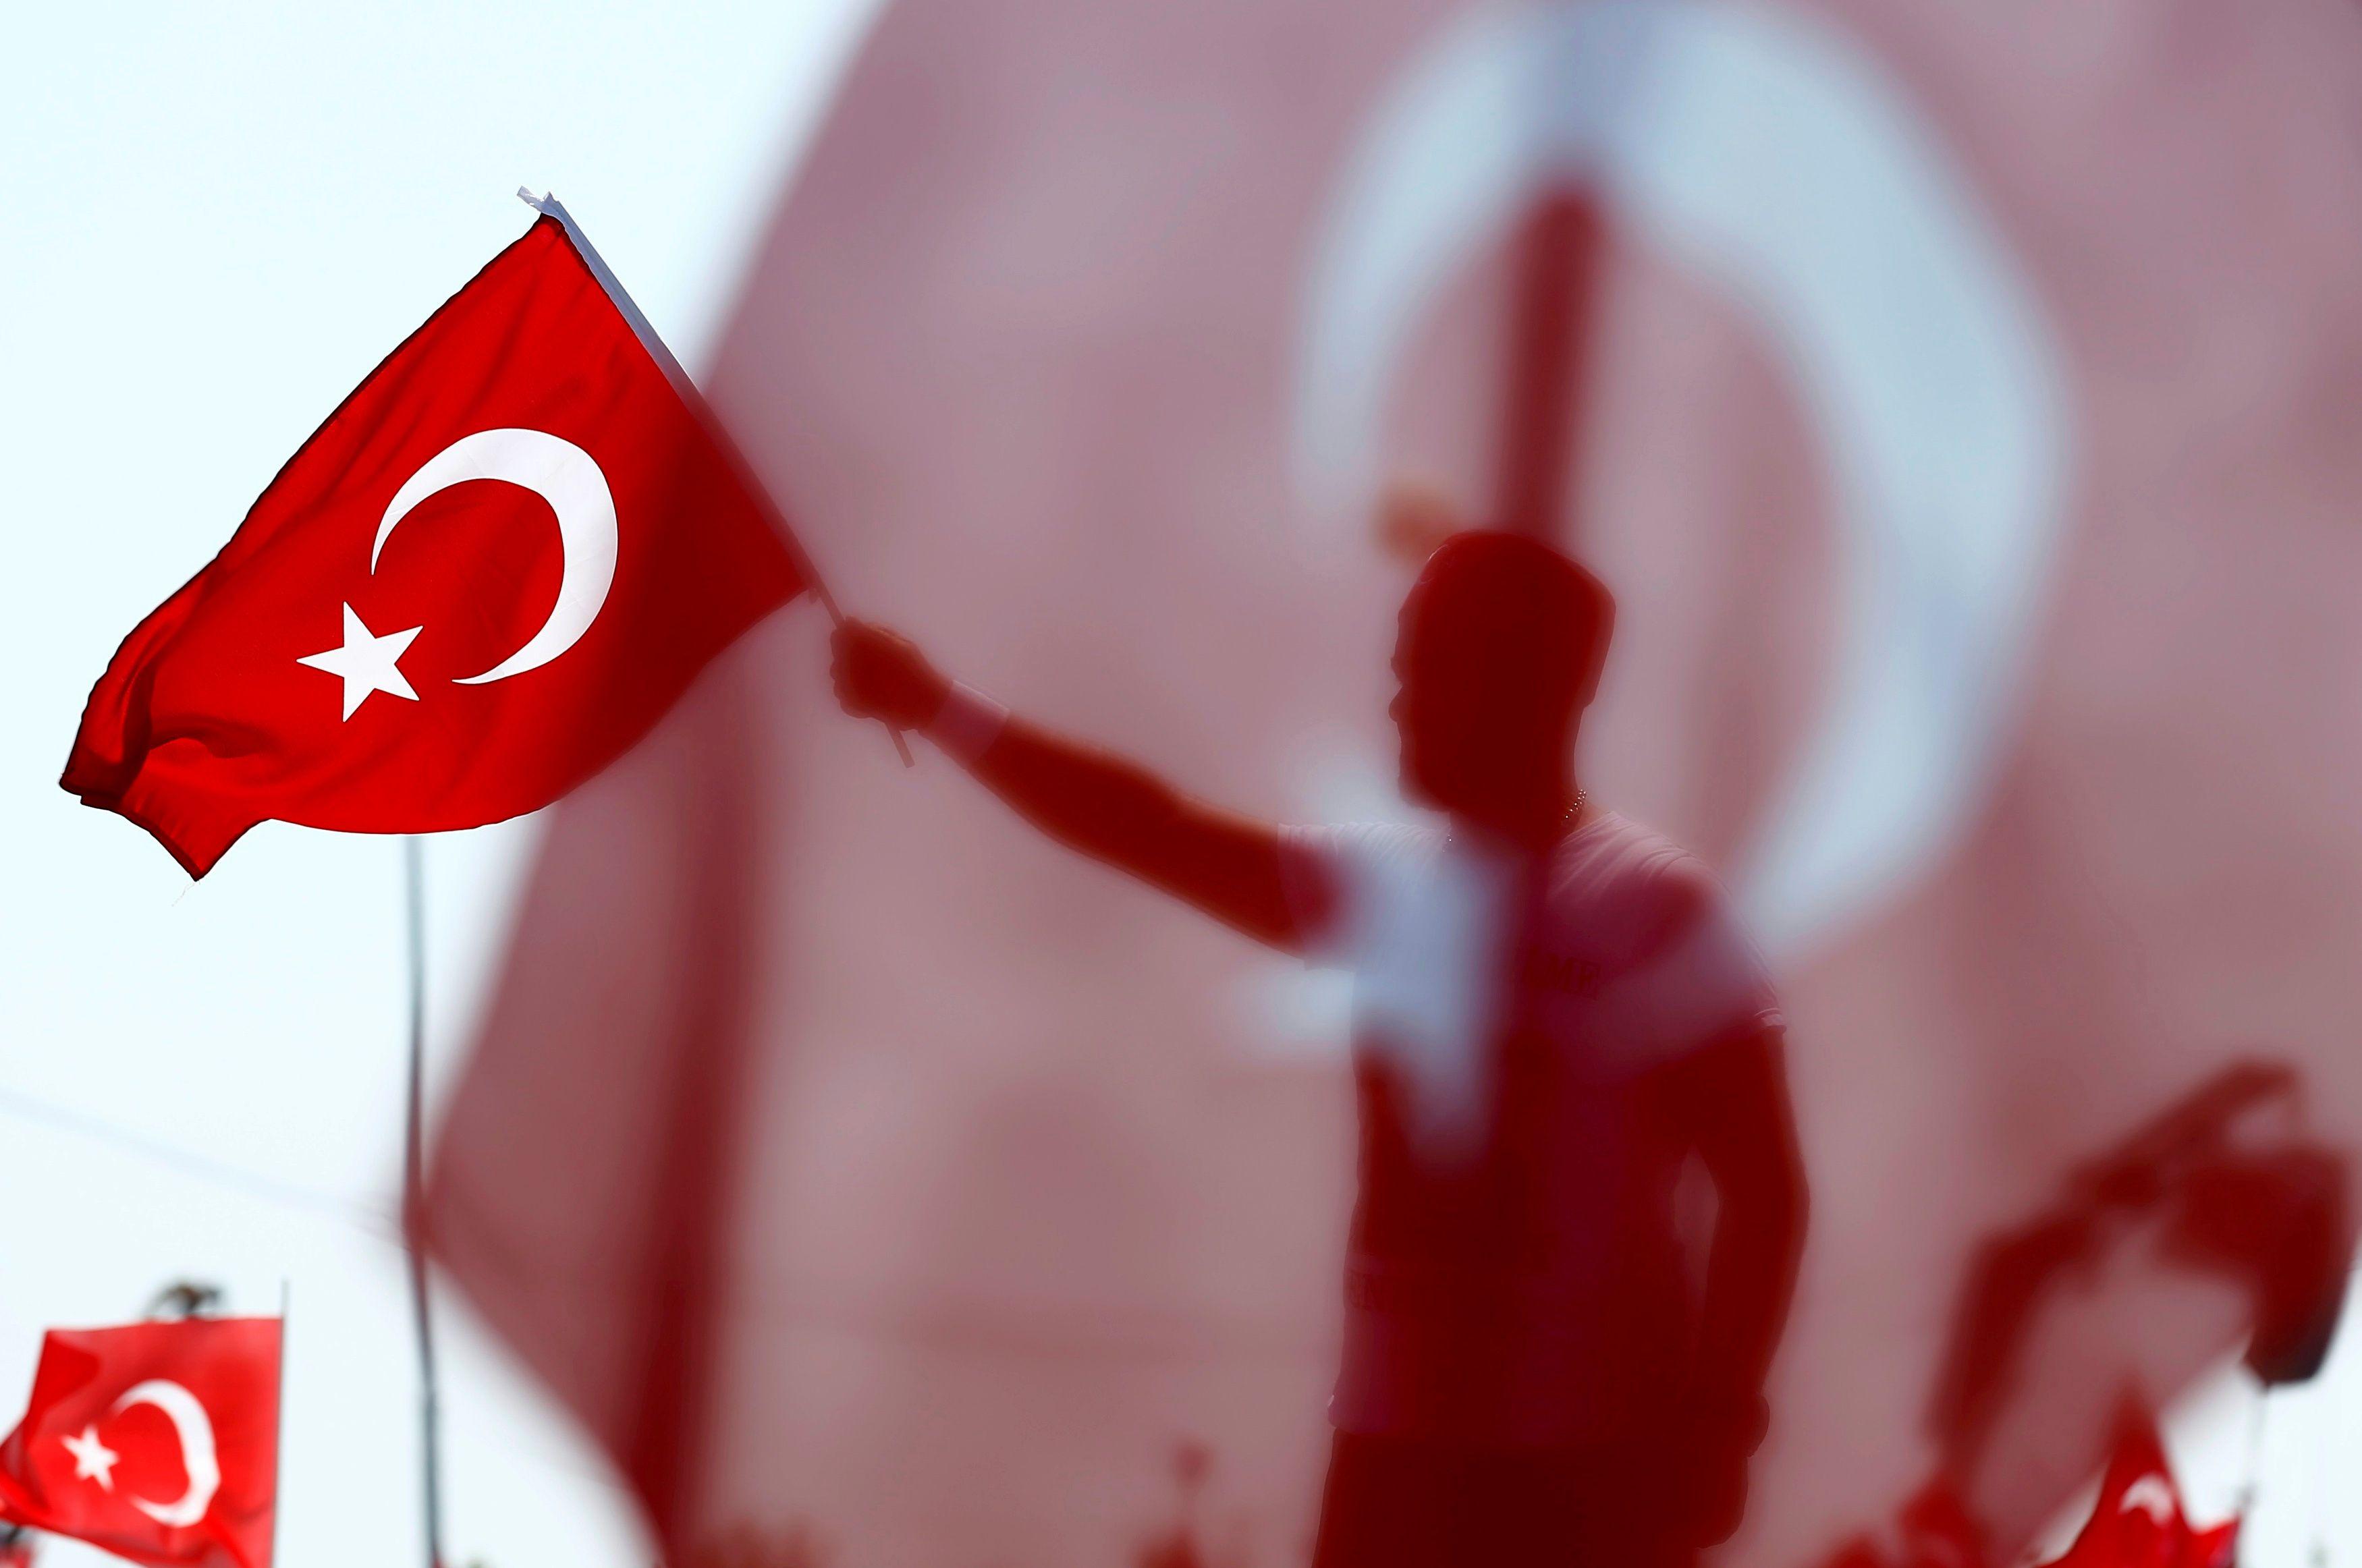 Meeting pro-Erdogan à Metz : quand le gouvernement français démontre qu'il ne comprend rien aux rapports de force qu'affectionne le président turc